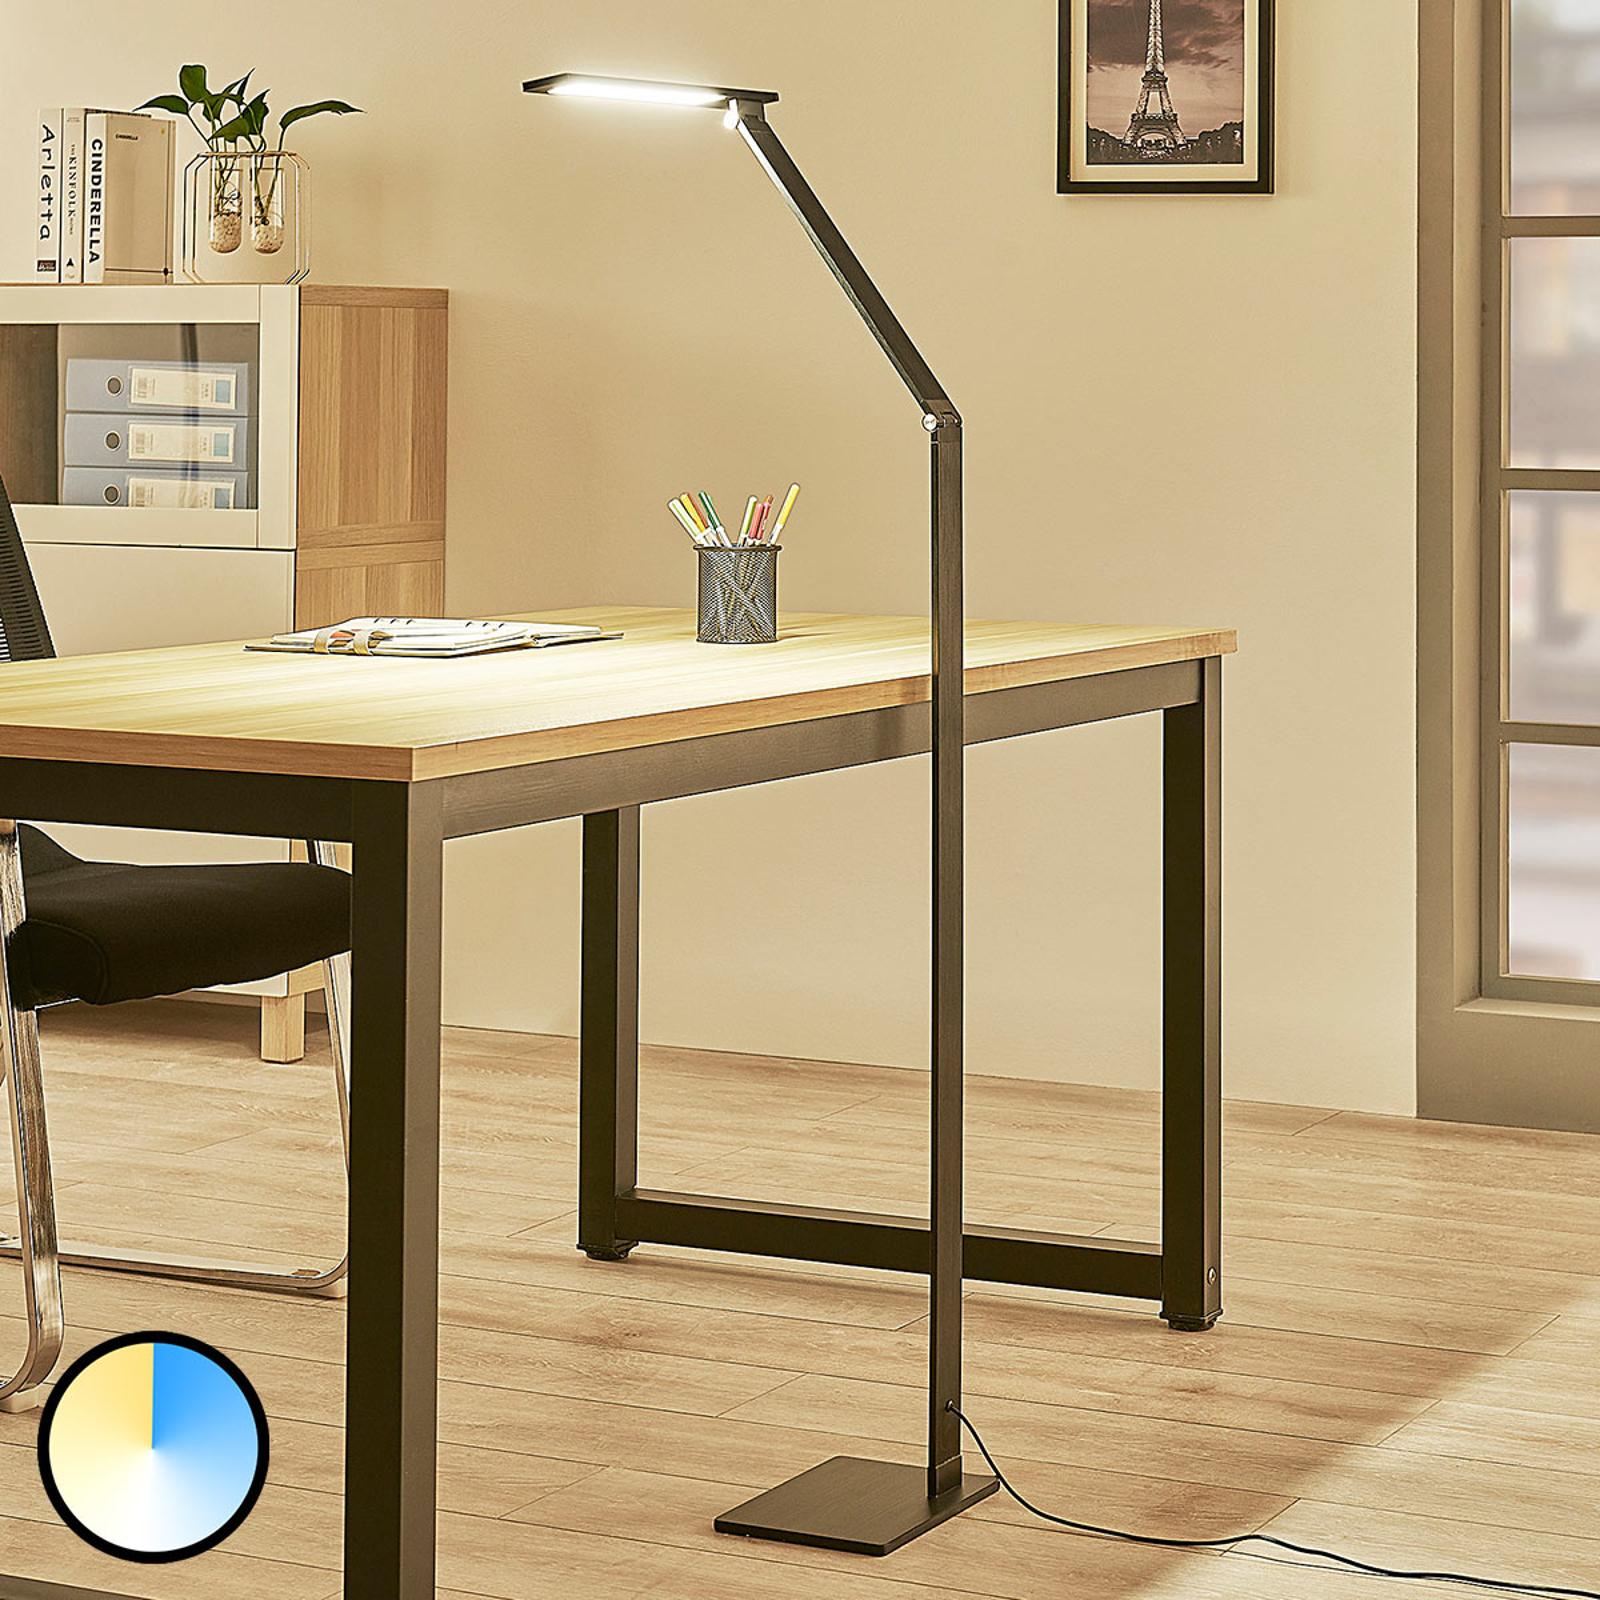 Lampa sufitowa LED Salome, zmiana barwy światła